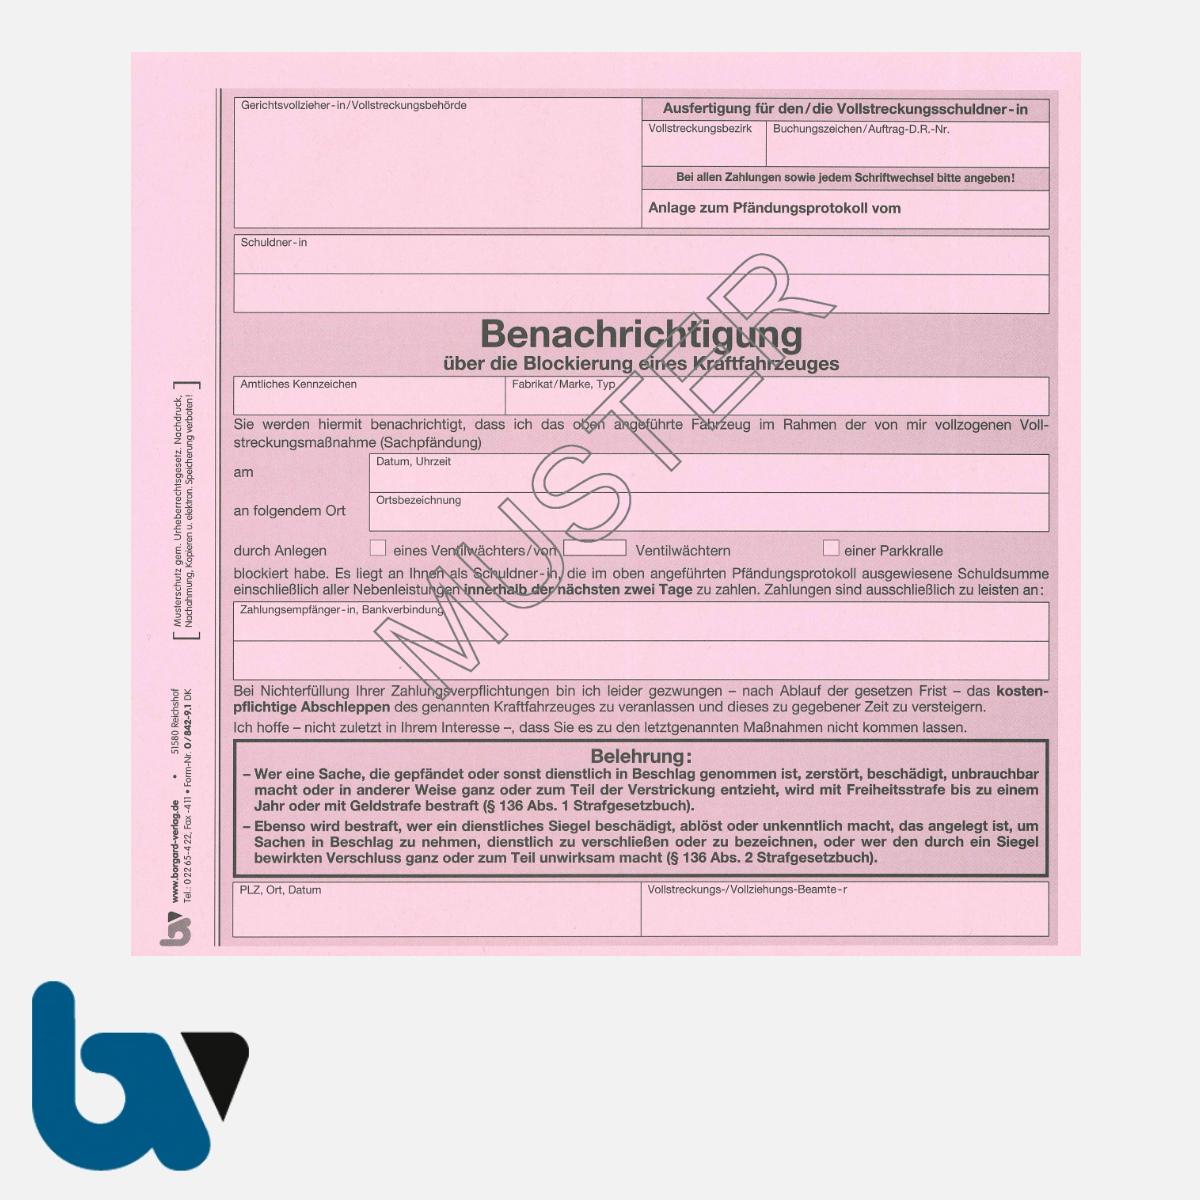 0/842-9.1 Benachrichtigung Blockierung Kraftfahrzeug Parkkralle Ventilwächter Kfz Vollstreckung Pfändung 2-fach selbstdurchschreibend DIN | Borgard Verlag GmbH